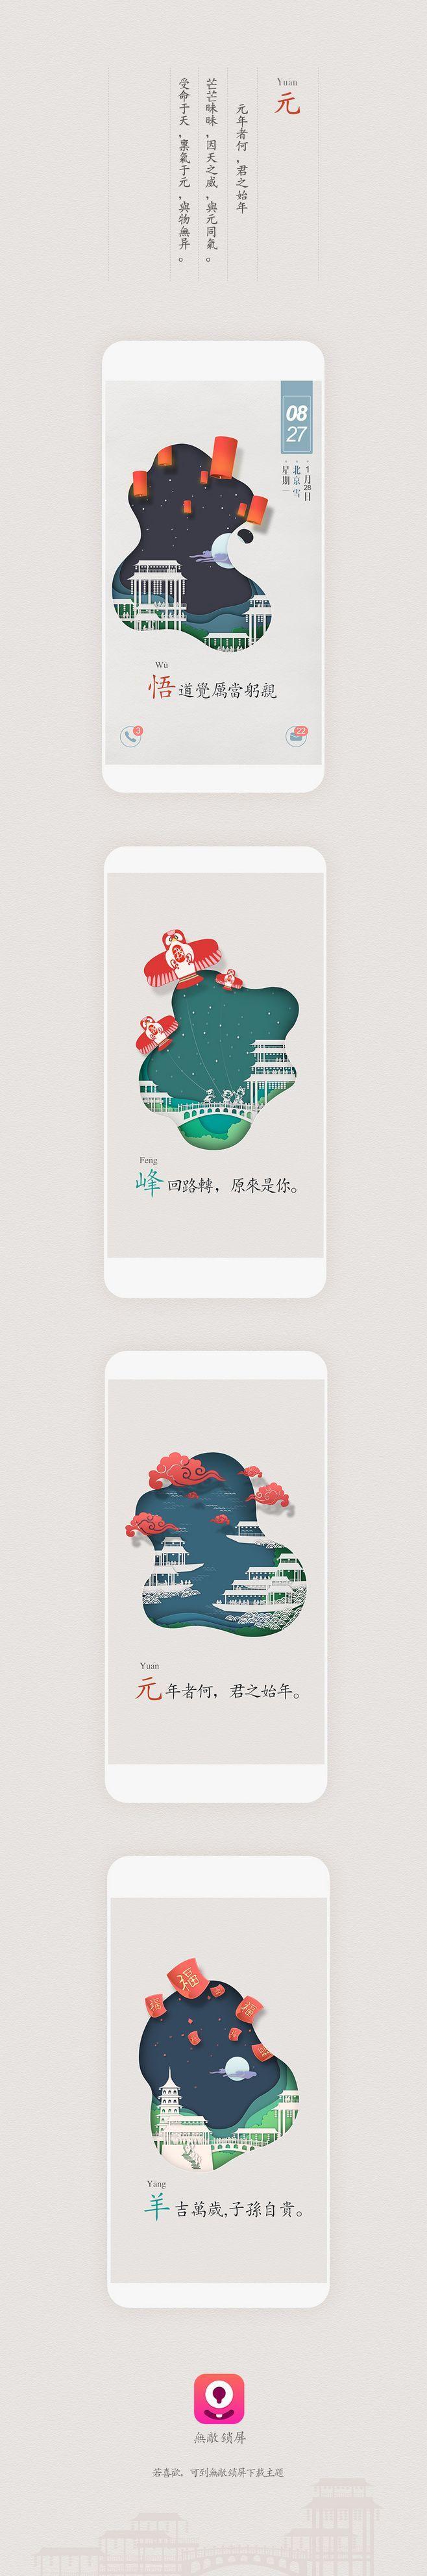 新年祝福|移动设备/APP界面|GUI|...@UI设计师—周晓烽采集到app作品包装&产品展示(2766图)_花瓣UI/UX